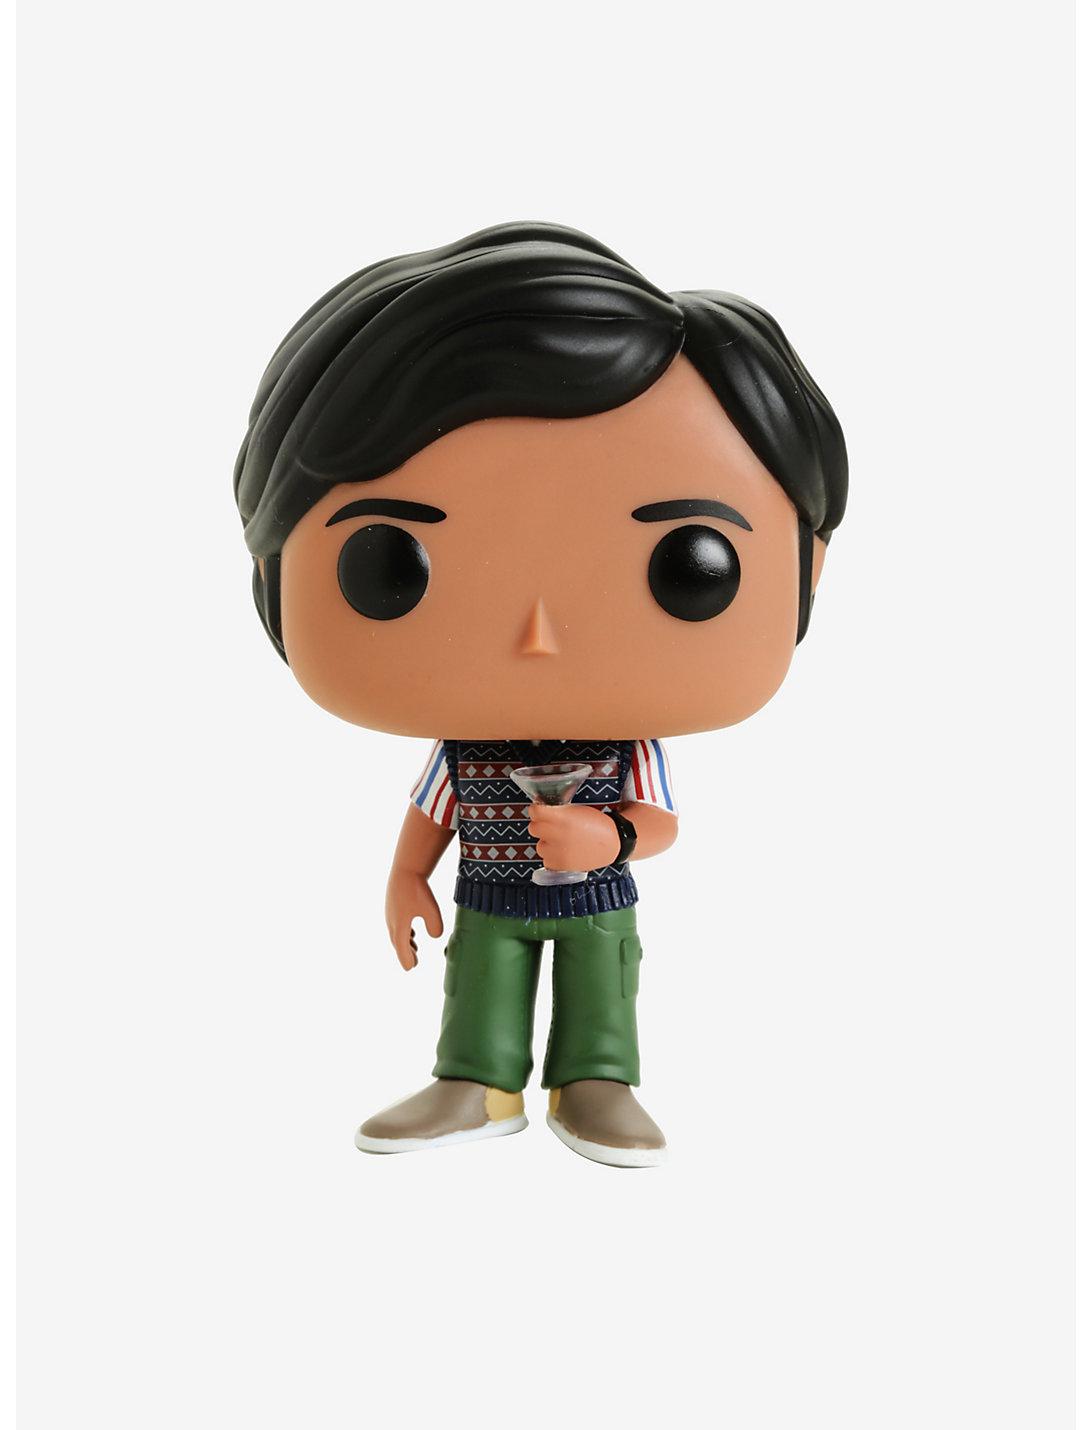 Raj Koothrappali #781 - The Big Bang Theory - Funko Pop! Television